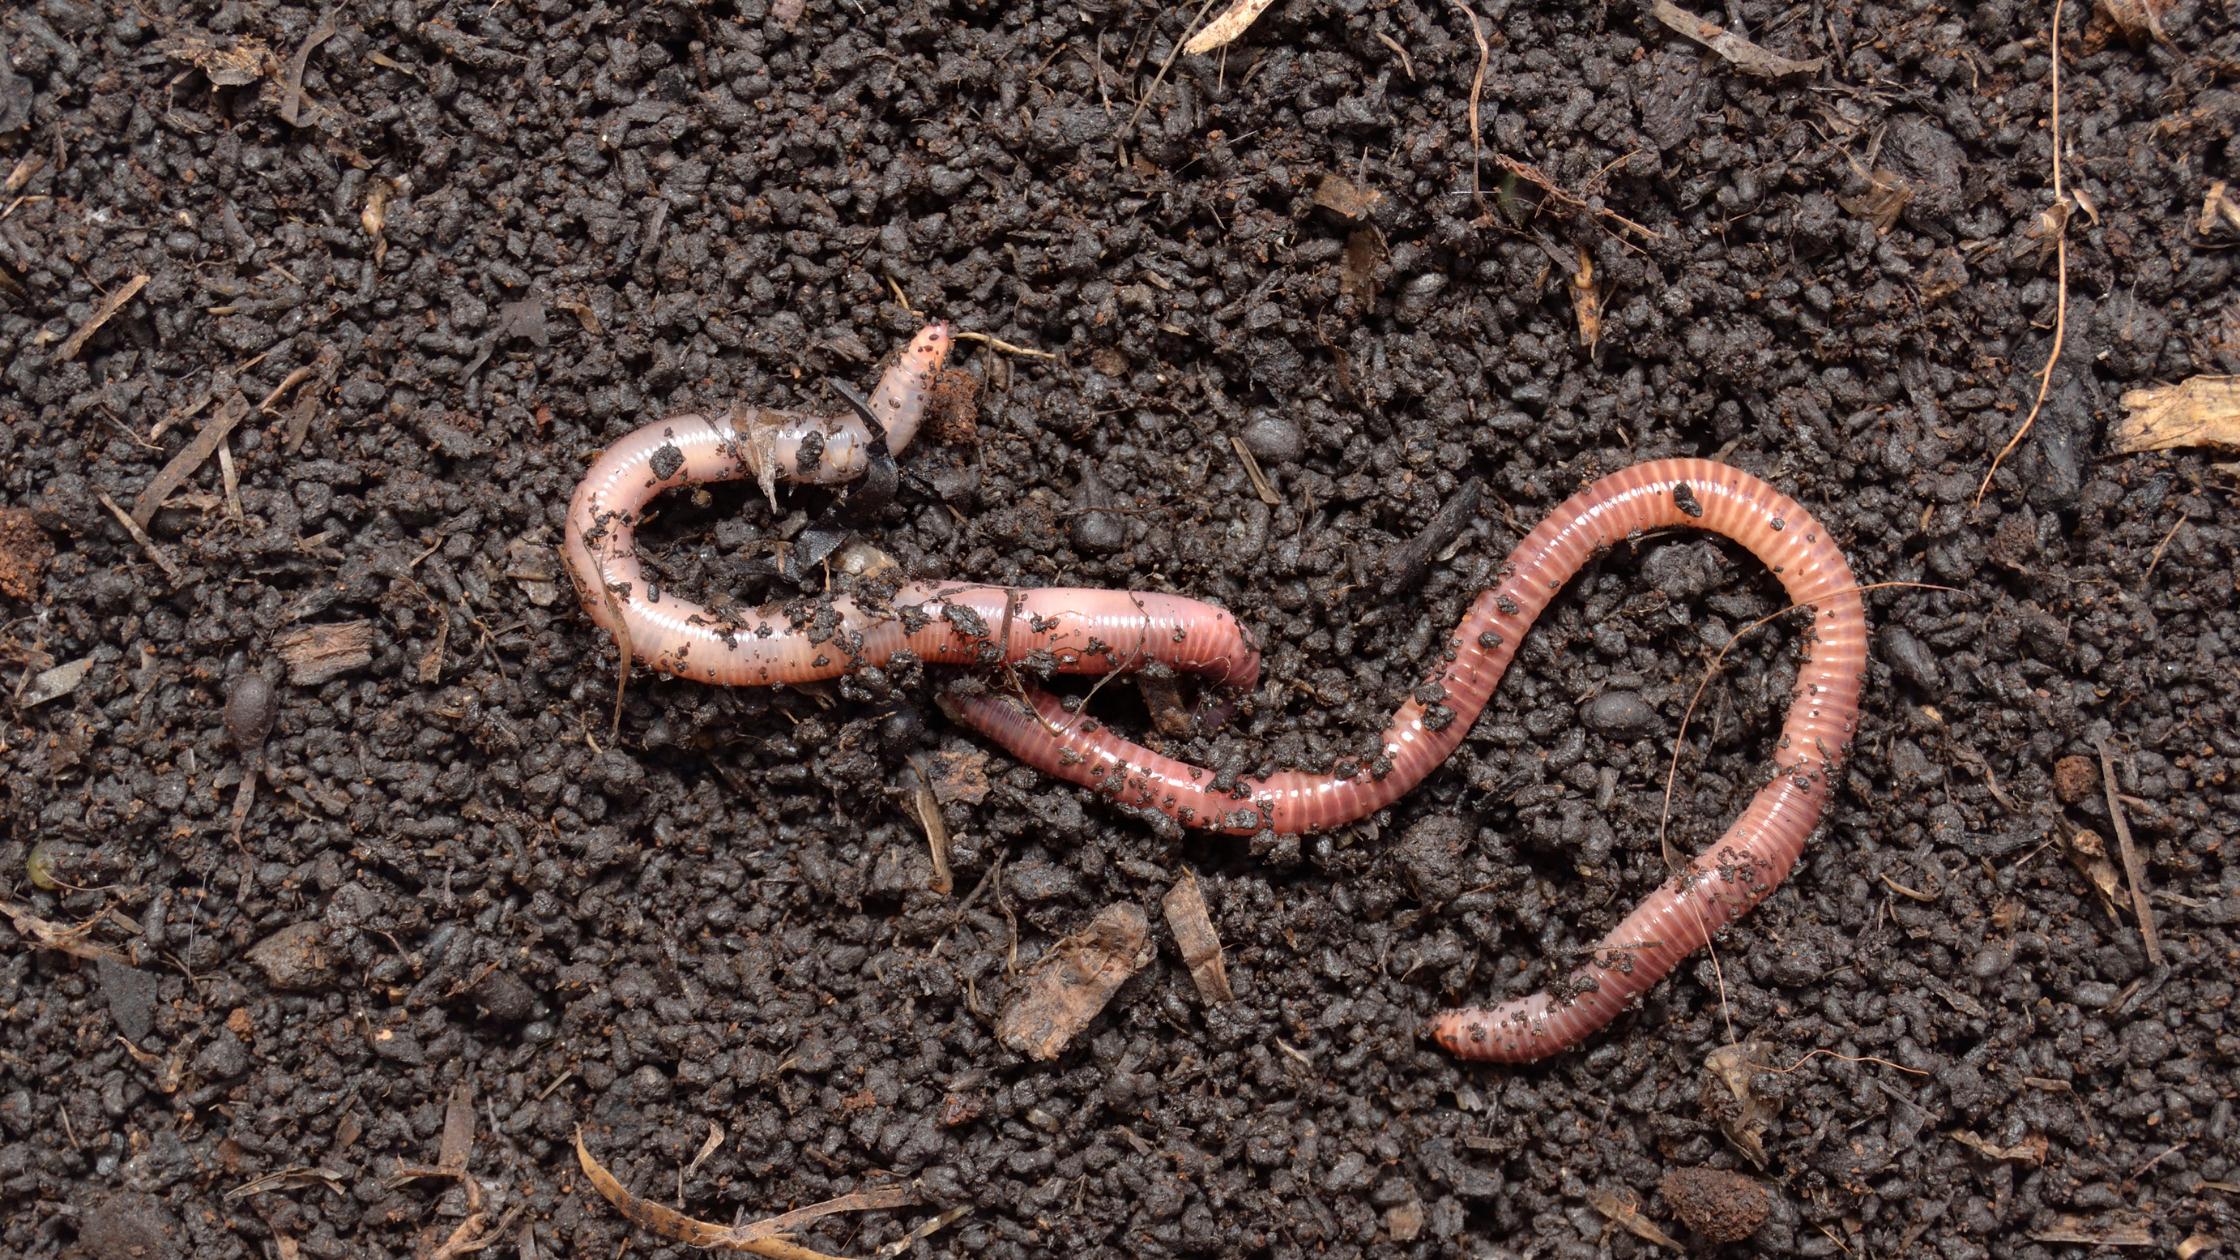 Los mejores fertilizantes naturales para tu huerto ecológico 2